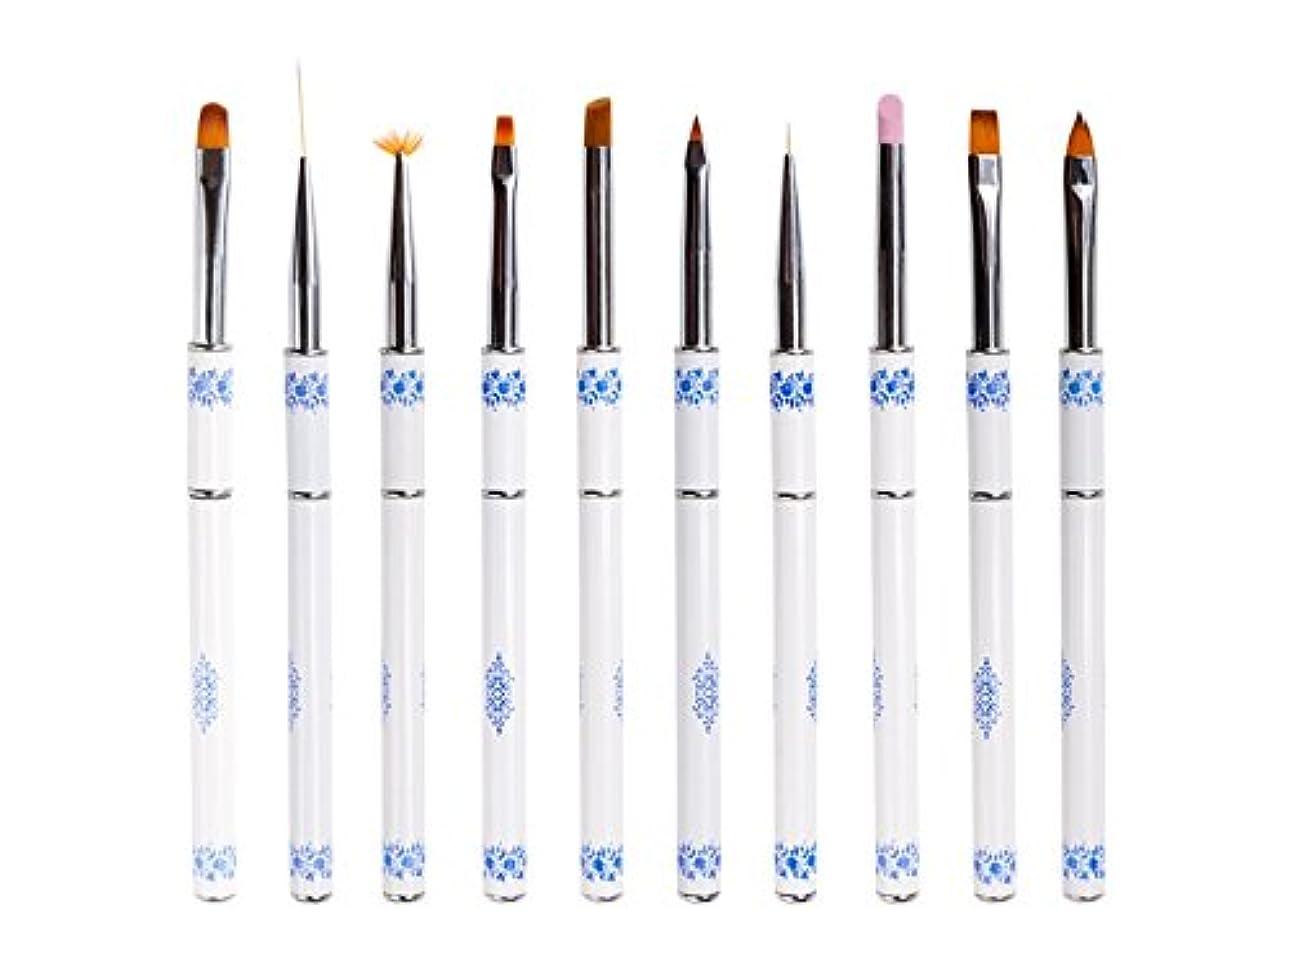 削る伝えるのみOsize ネイル光線療法クリスタルペンセット青と白の磁器ネイルペン引っ張りペンネイルアート塗装ネイルラインペン